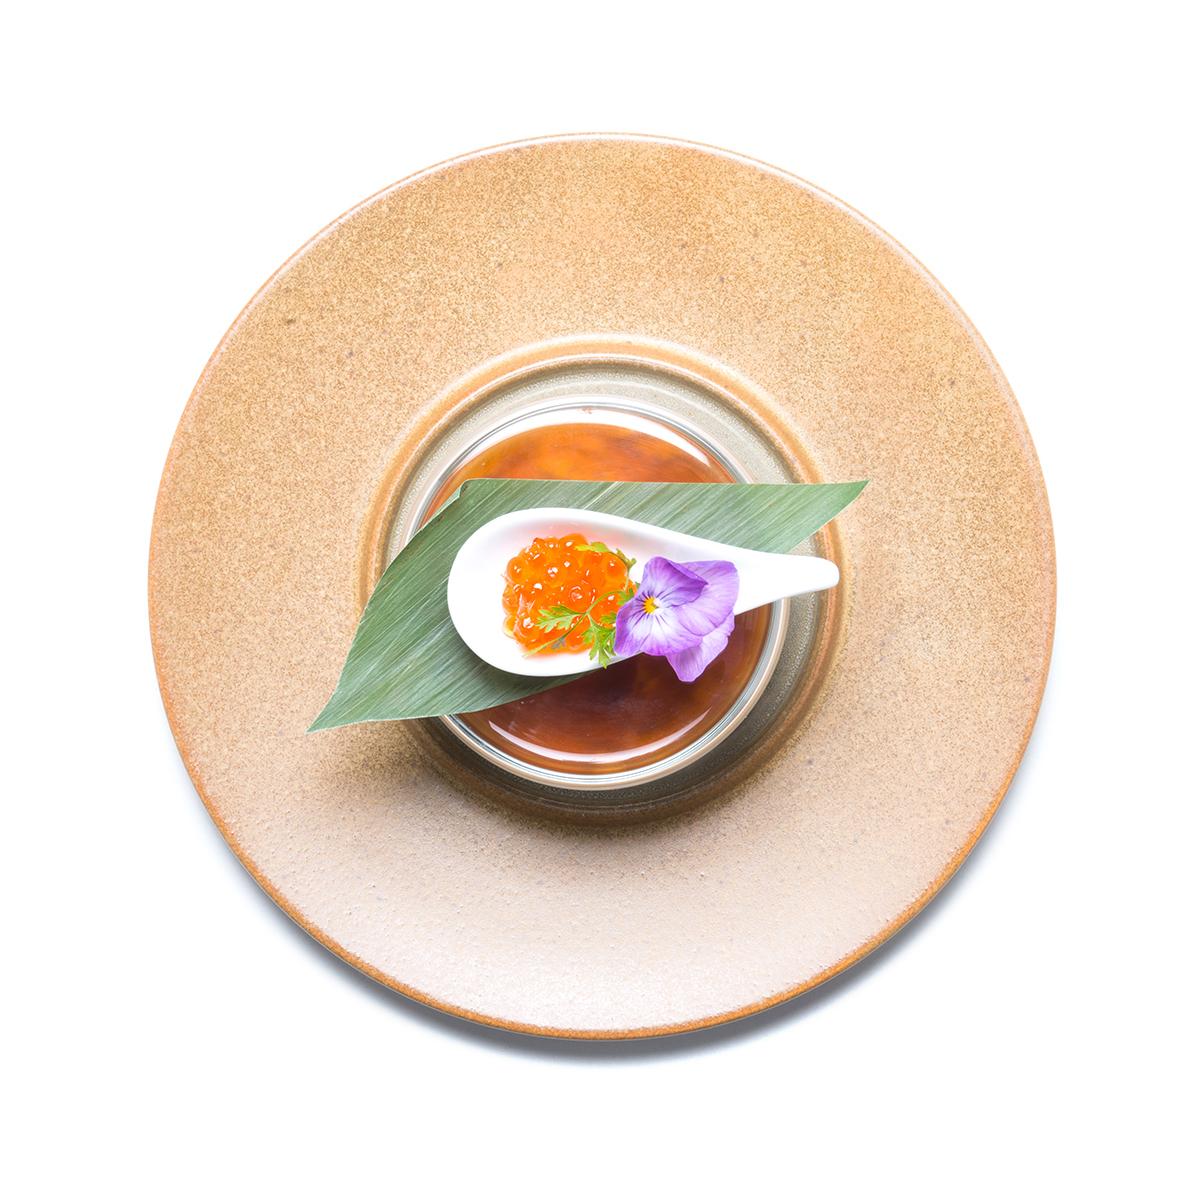 里芋とクリームチーズの変わりポテトサラダ - 冷たいお出汁で -